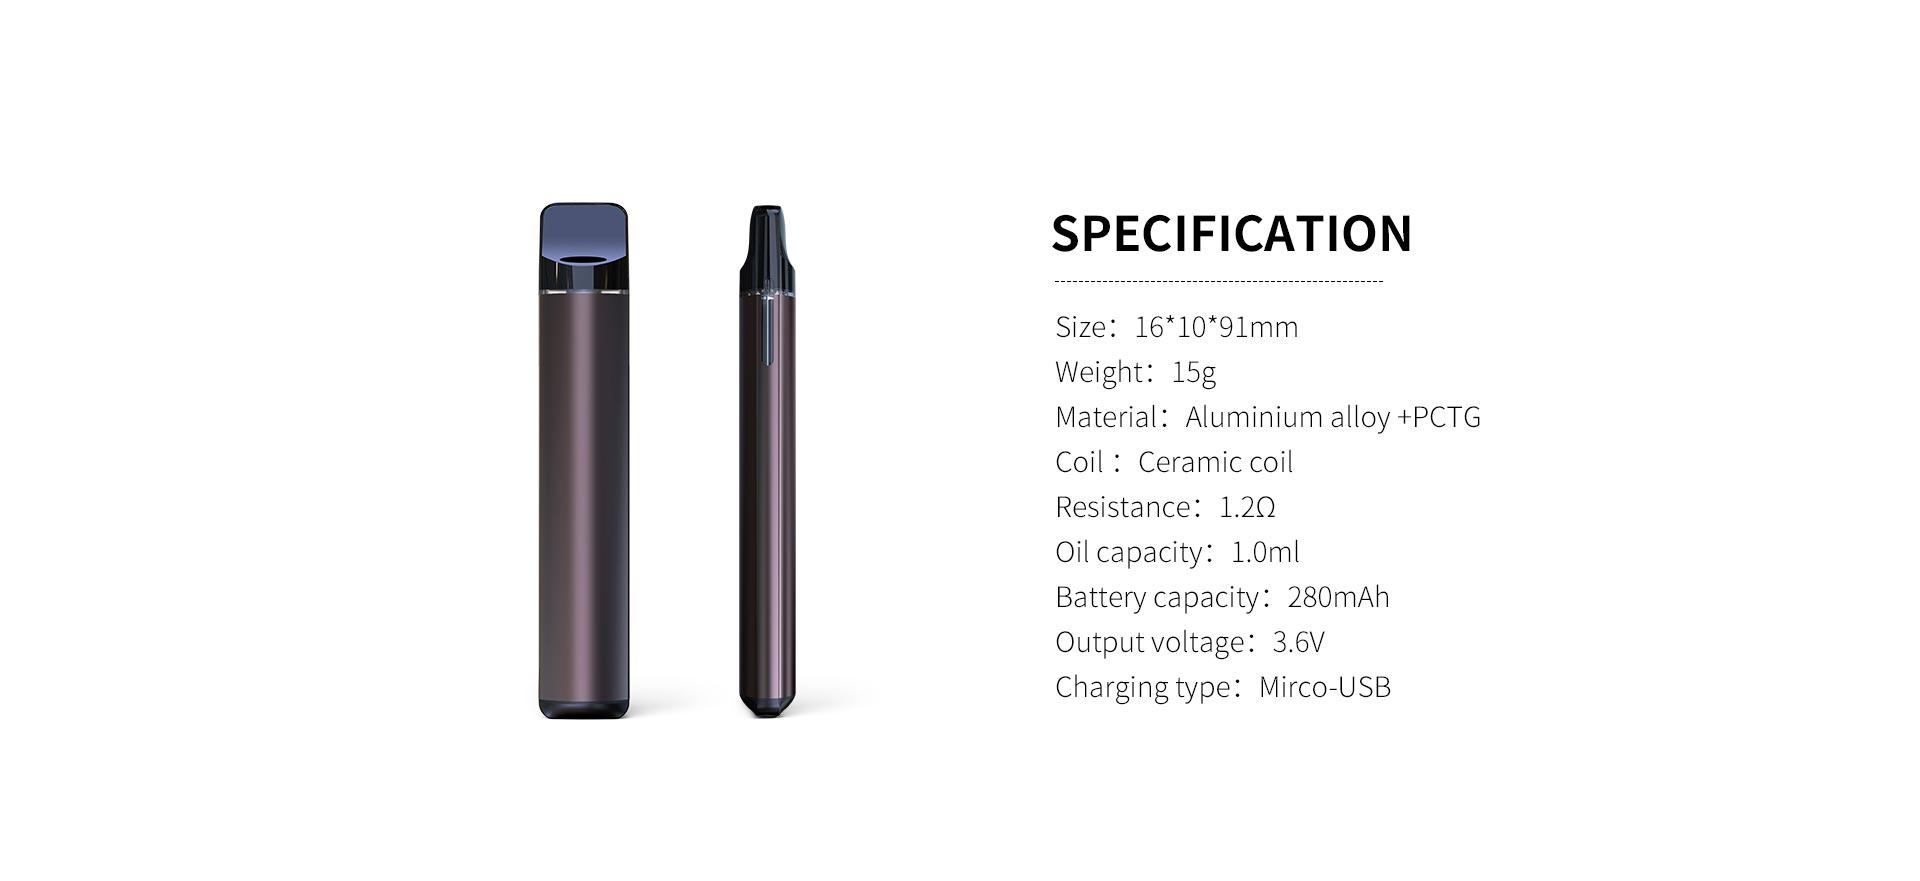 cbd vaporizer 8122 specification